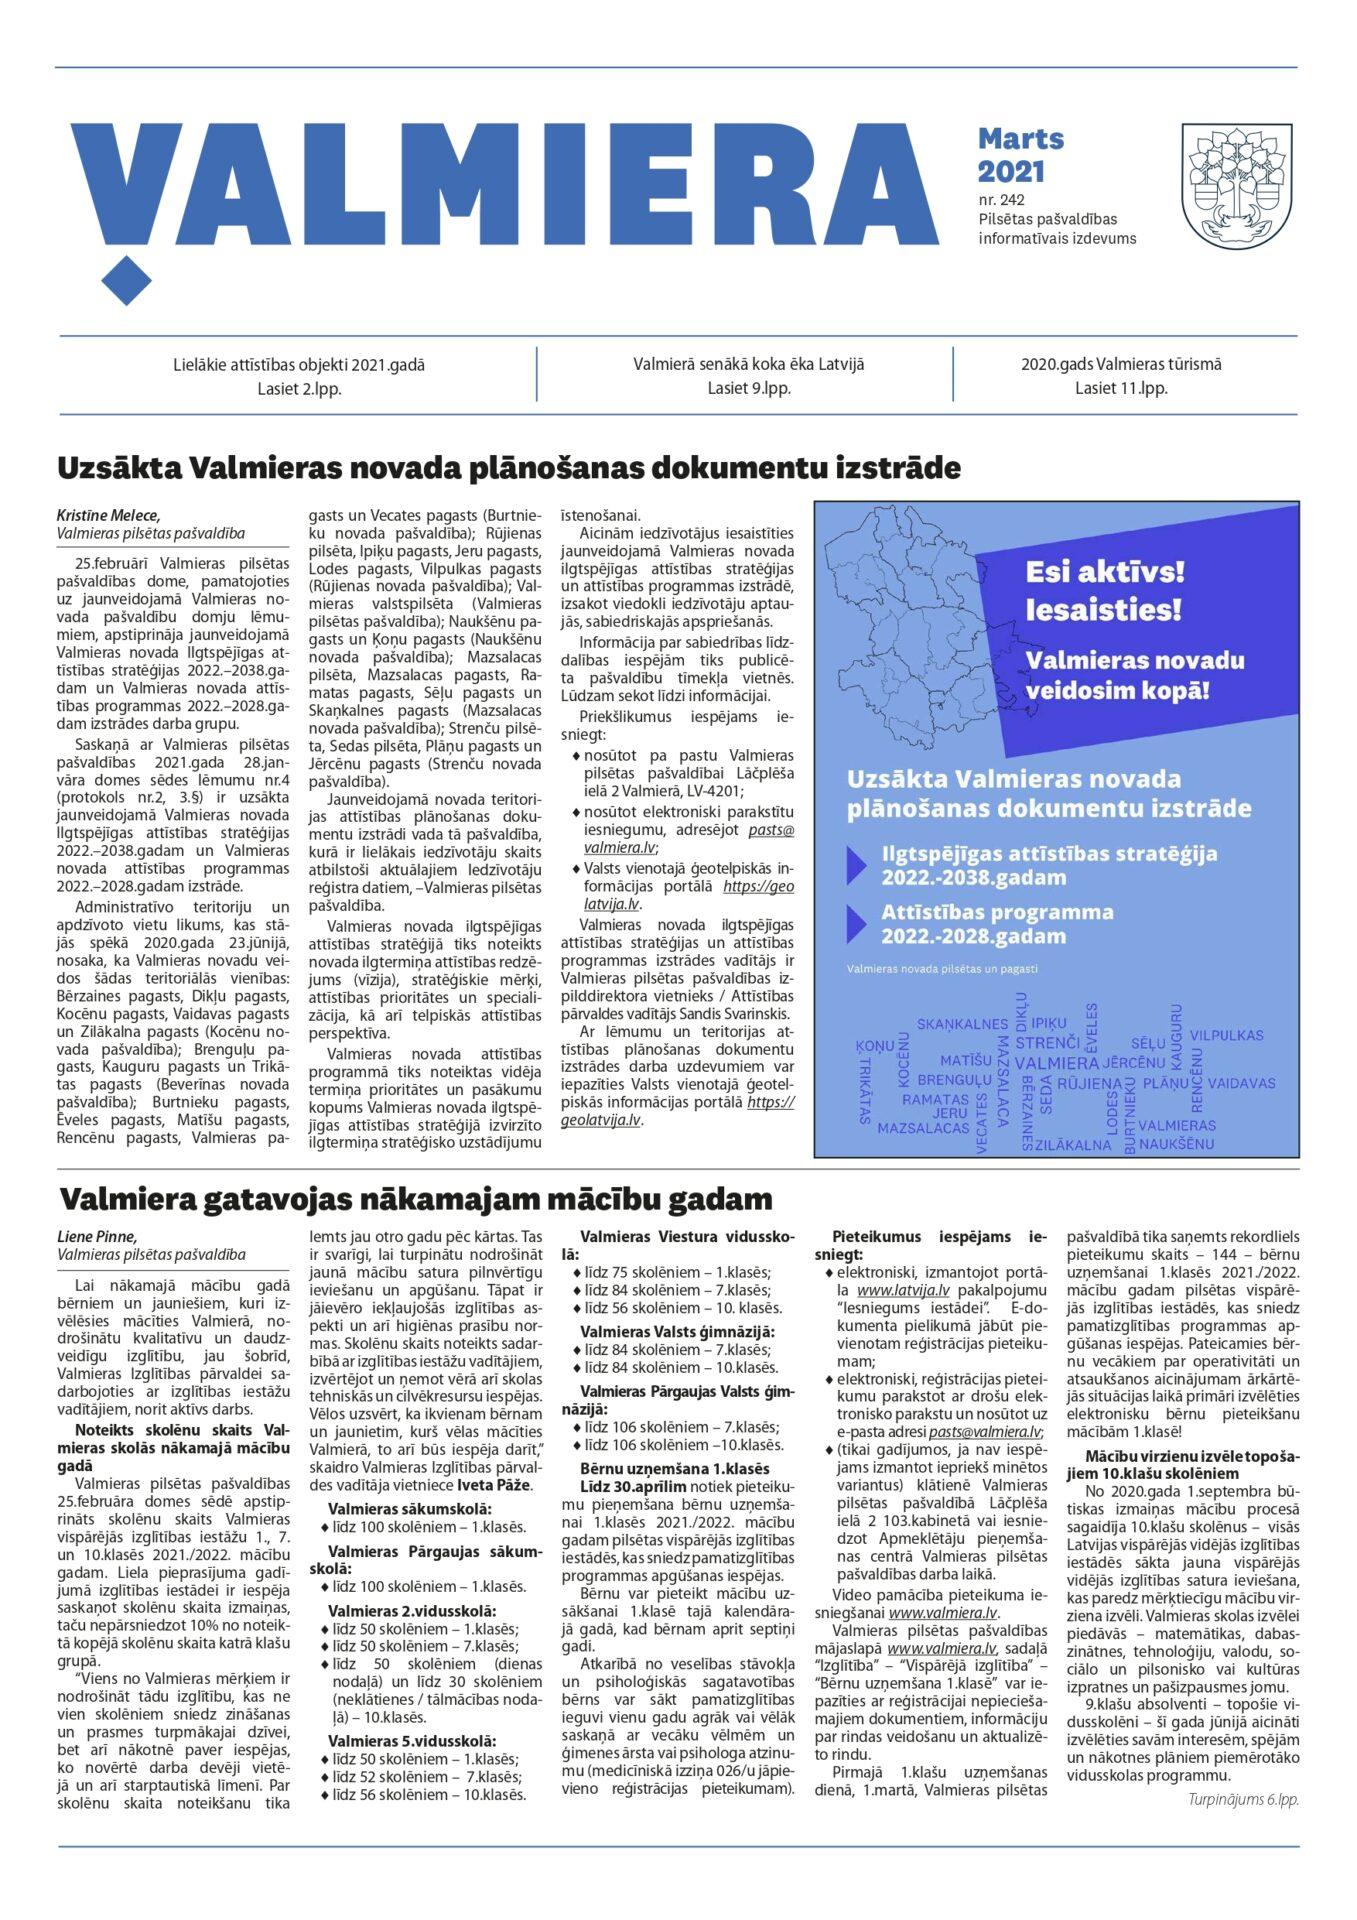 Valmieras pilsētas pašvaldības informatīvais izdevums Marts